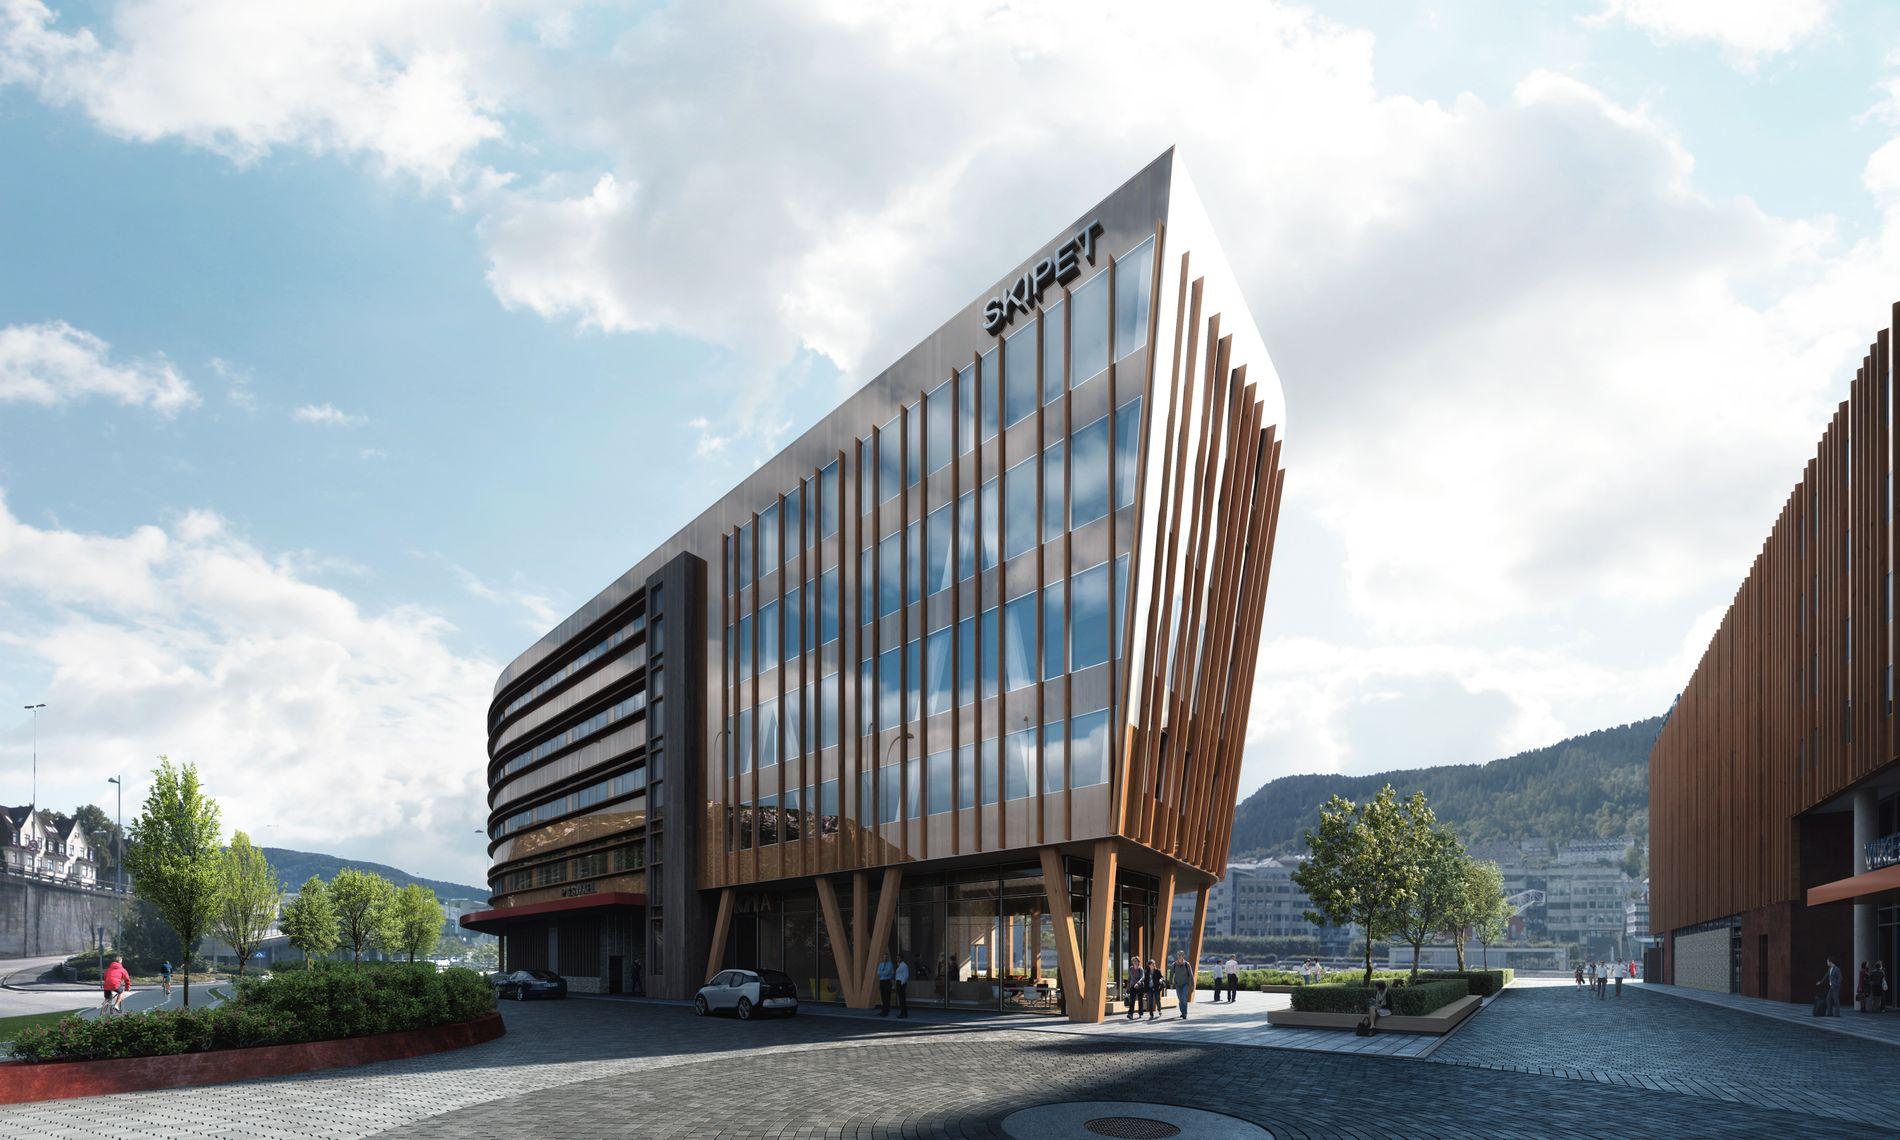 ETTER: Næringsbygget «Skipet» vil bli en interessant nyvinning. Huset reises med massivtre fra Åmot i Østerdalen, inkludert heissjakter og etasjeskillere. ILLUSTRASJON: Arkitekt Paal J. Kahrs, OG arkitekter AS og MIR AS.